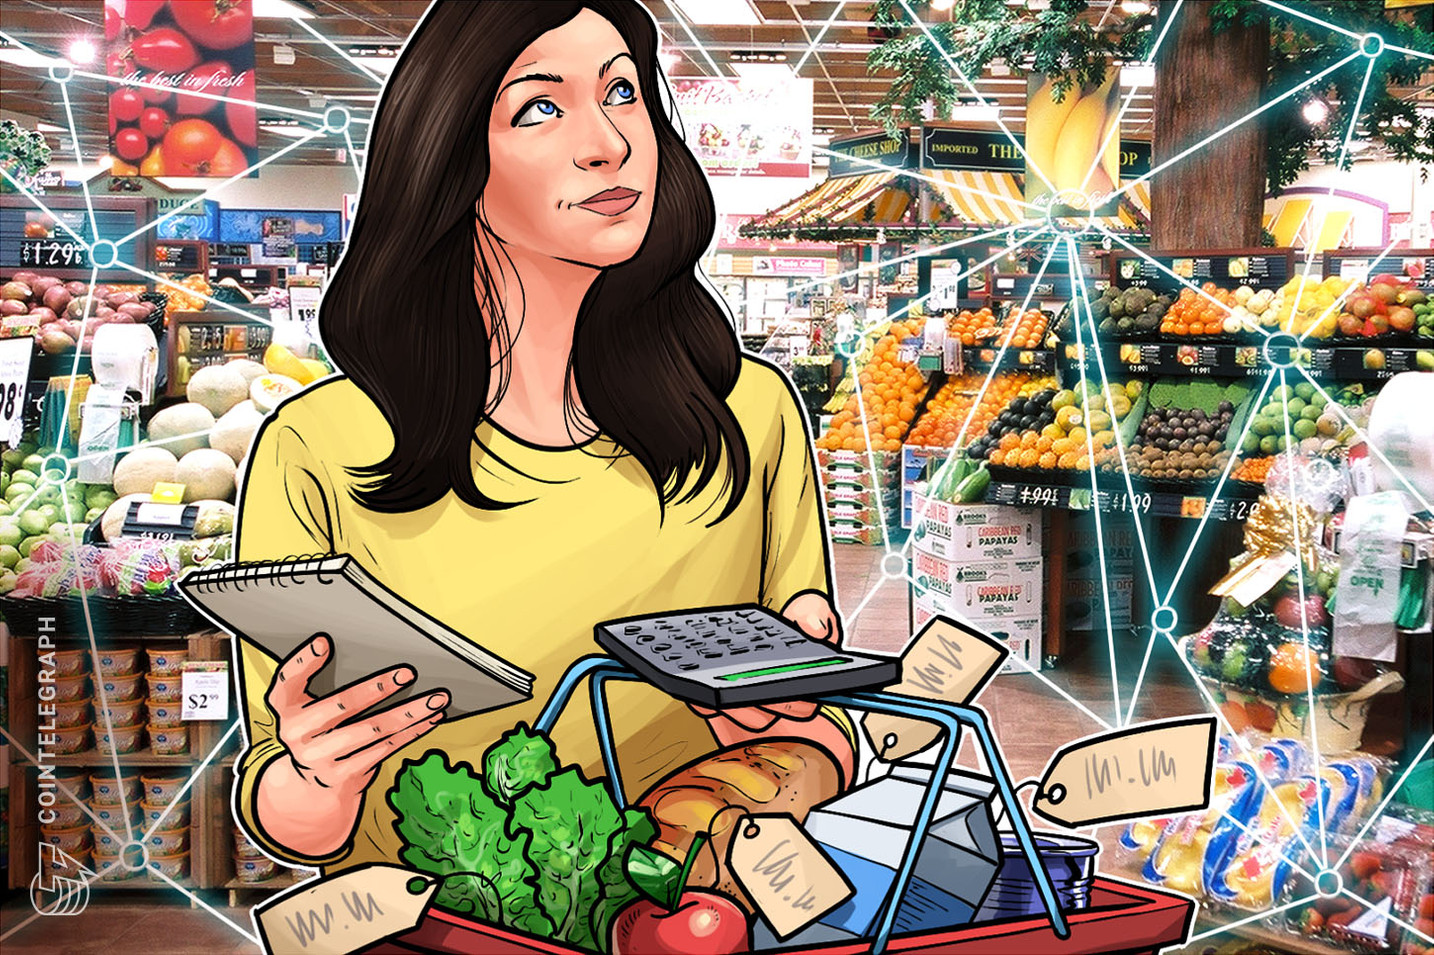 WWF lança ferramenta blockchain para rastrear alimentos ao longo da cadeia de suprimentos